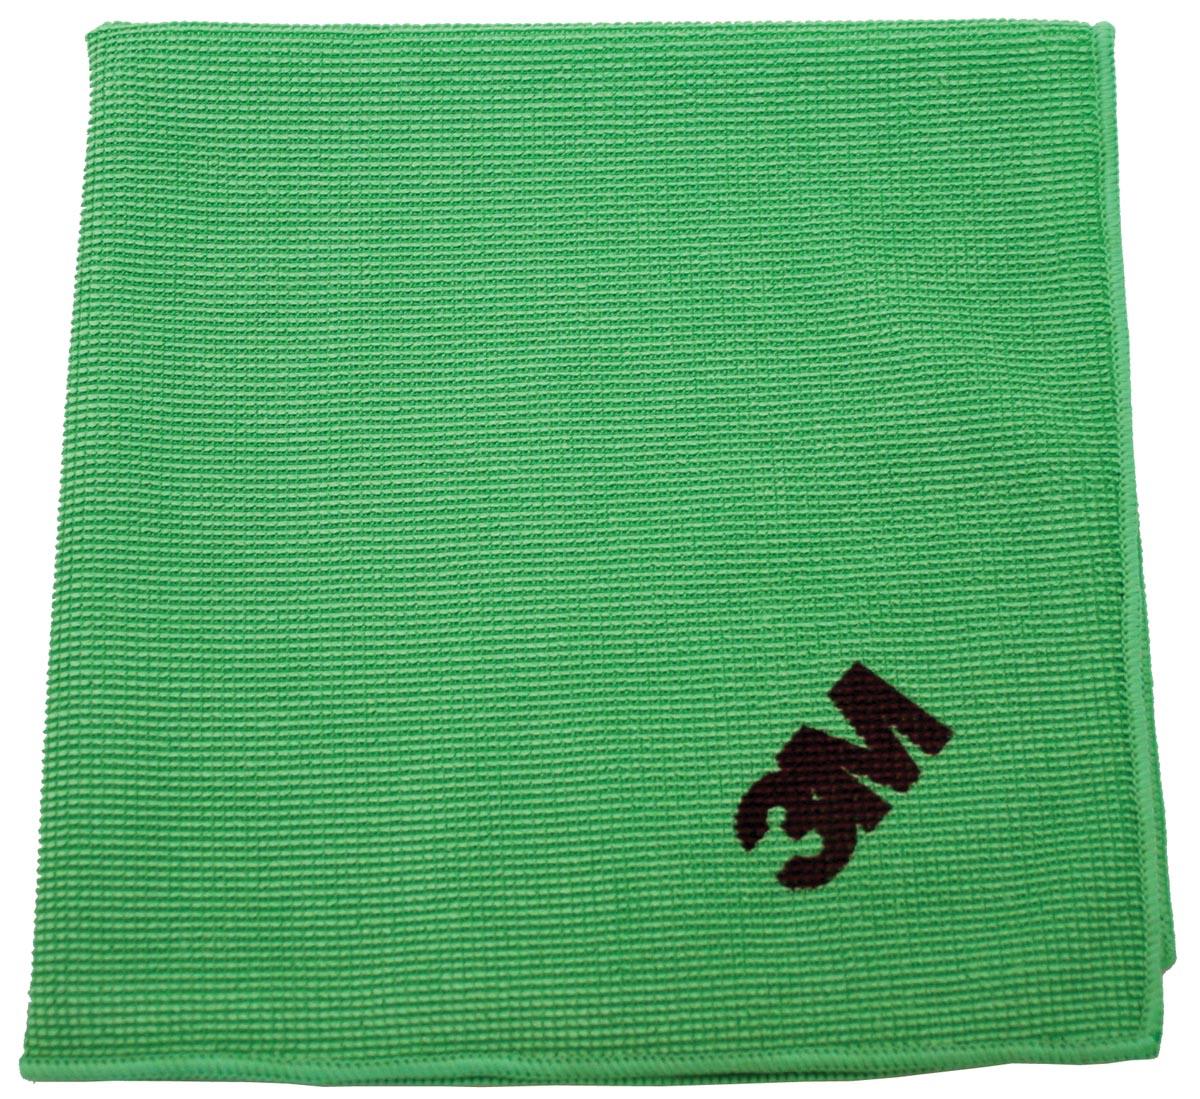 3M microvezeldoek, groen, pak van 10 stuks